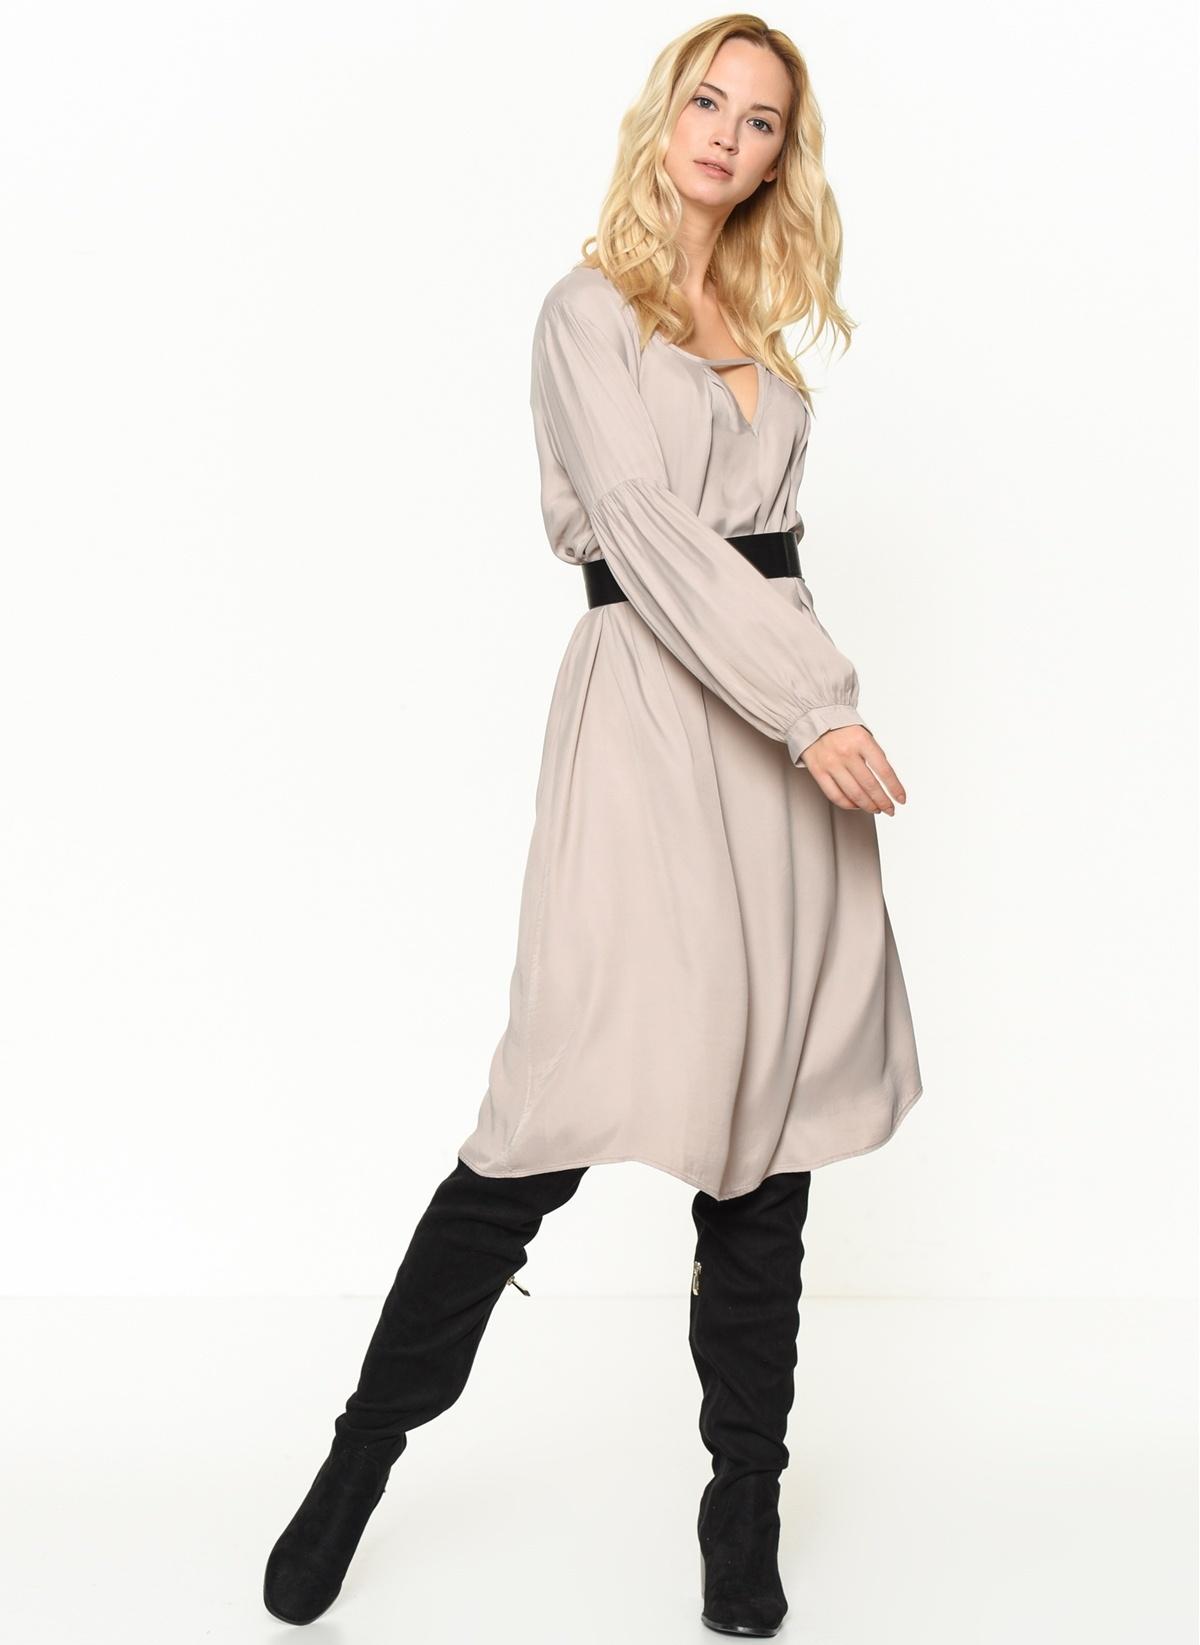 Braez Elbise 5001119fw1815 Dulcınea Dress – 397.5 TL